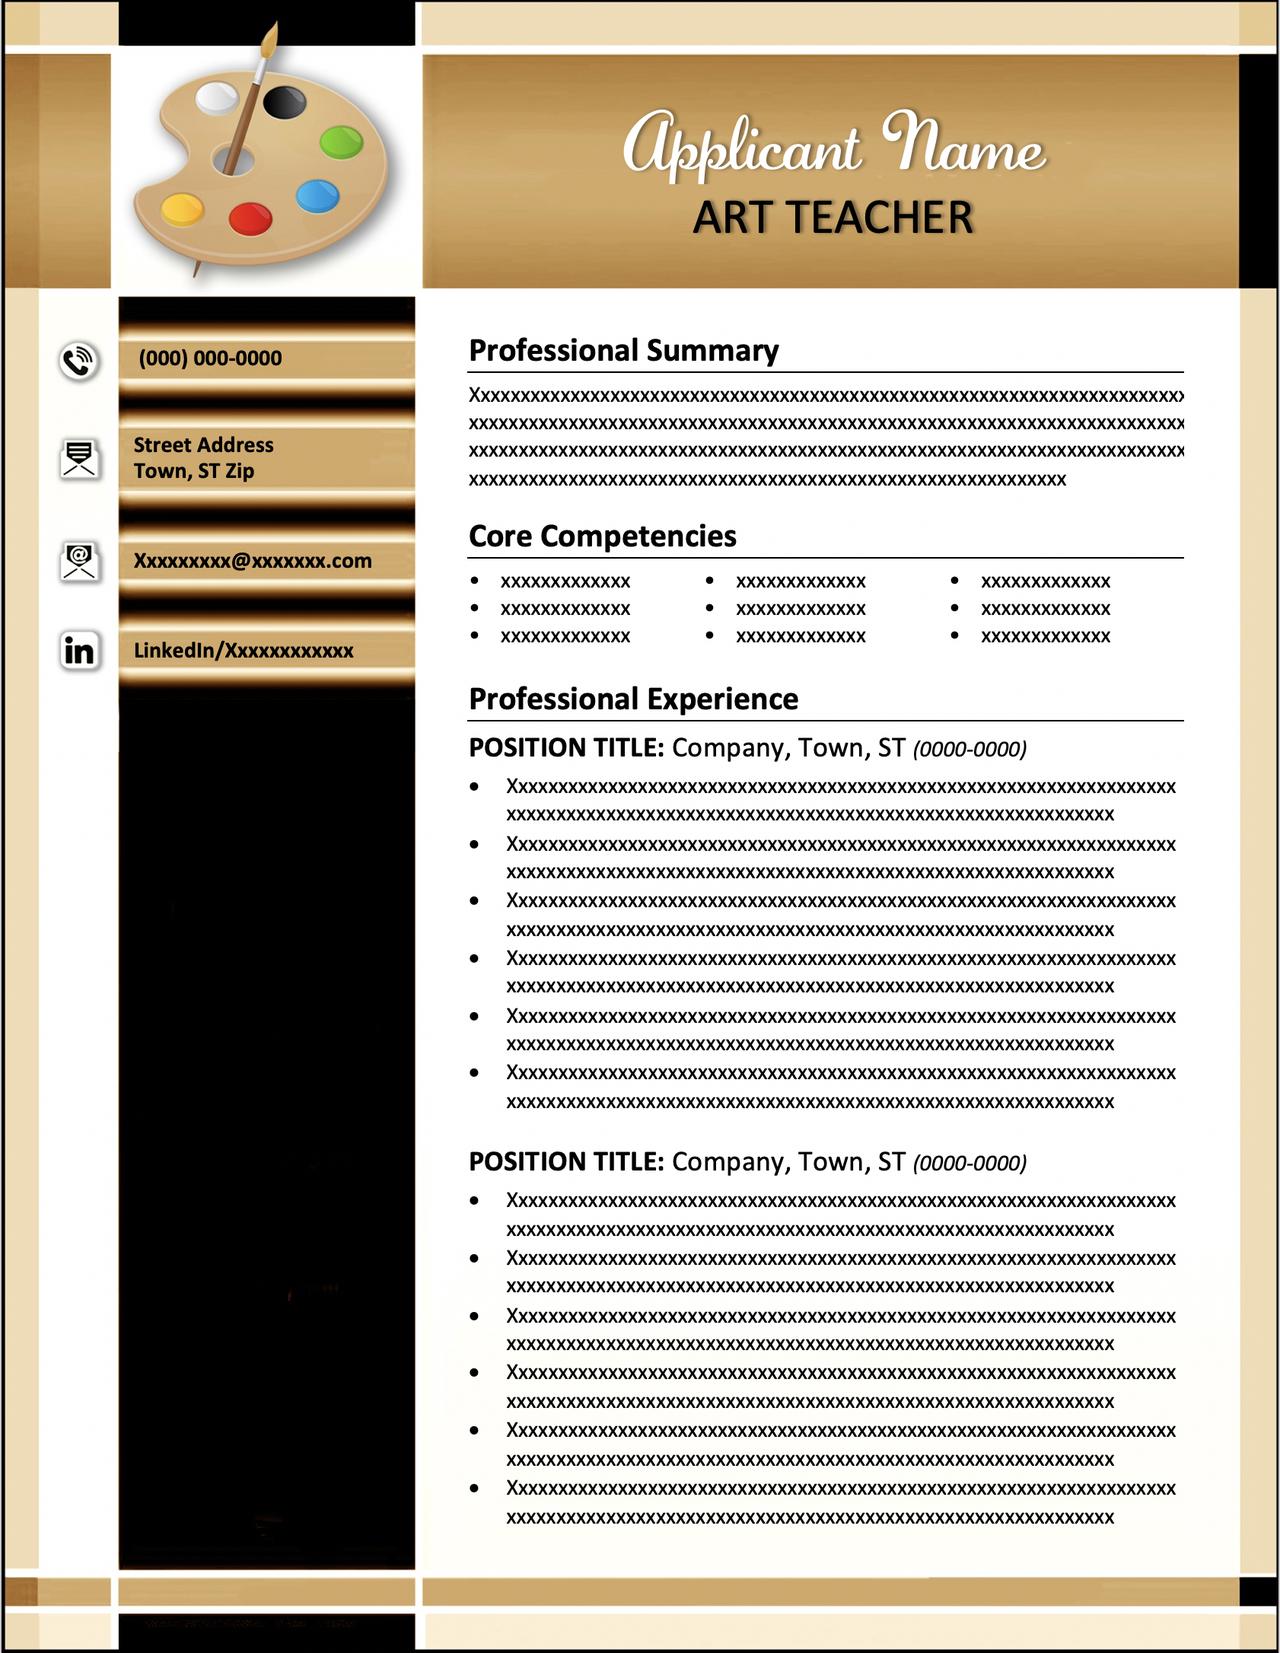 art teaching.png